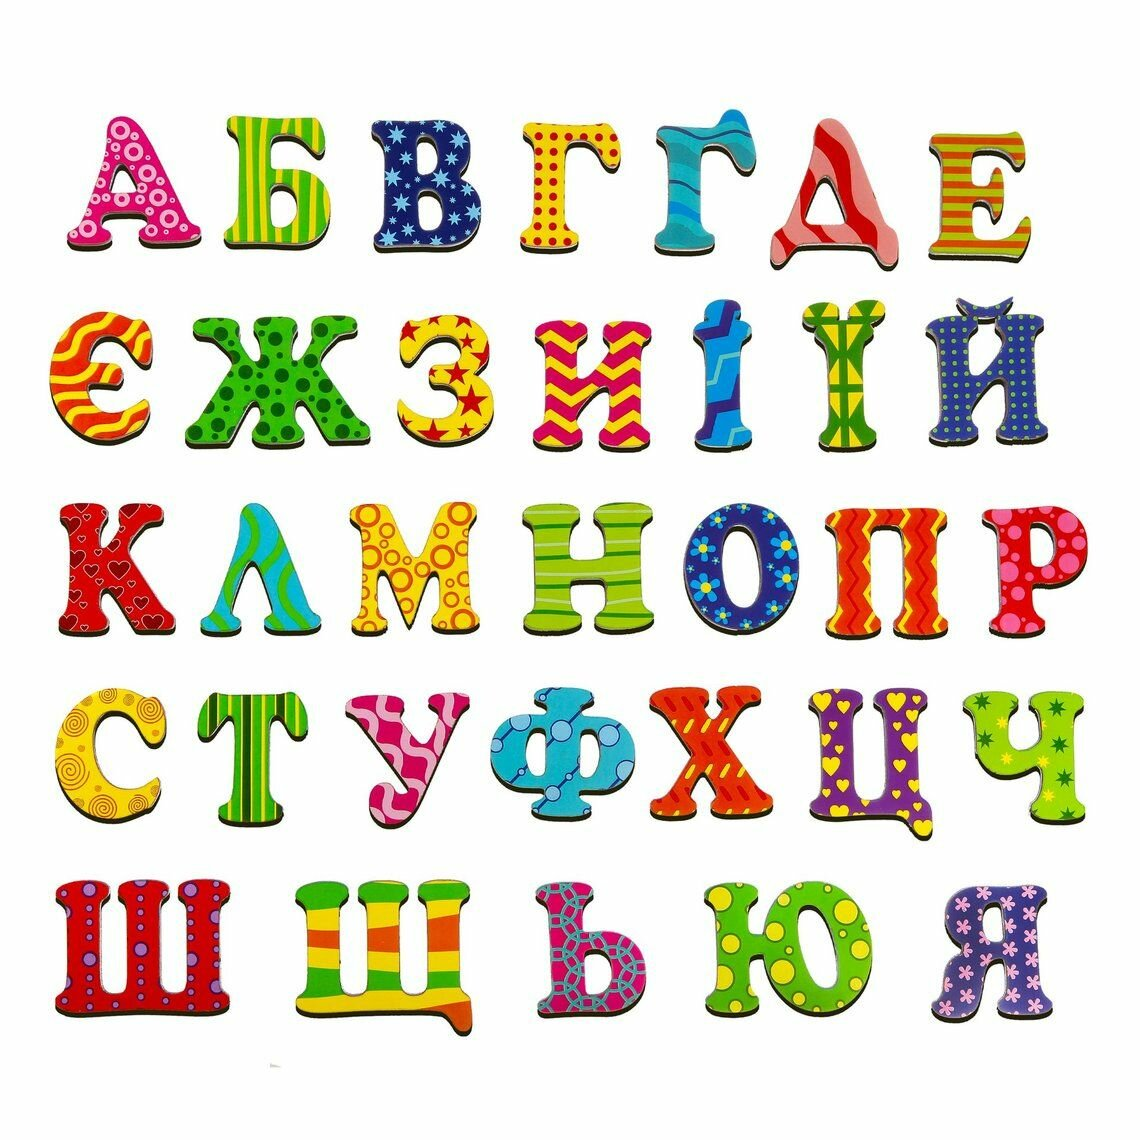 азбука картинка пнг каждой